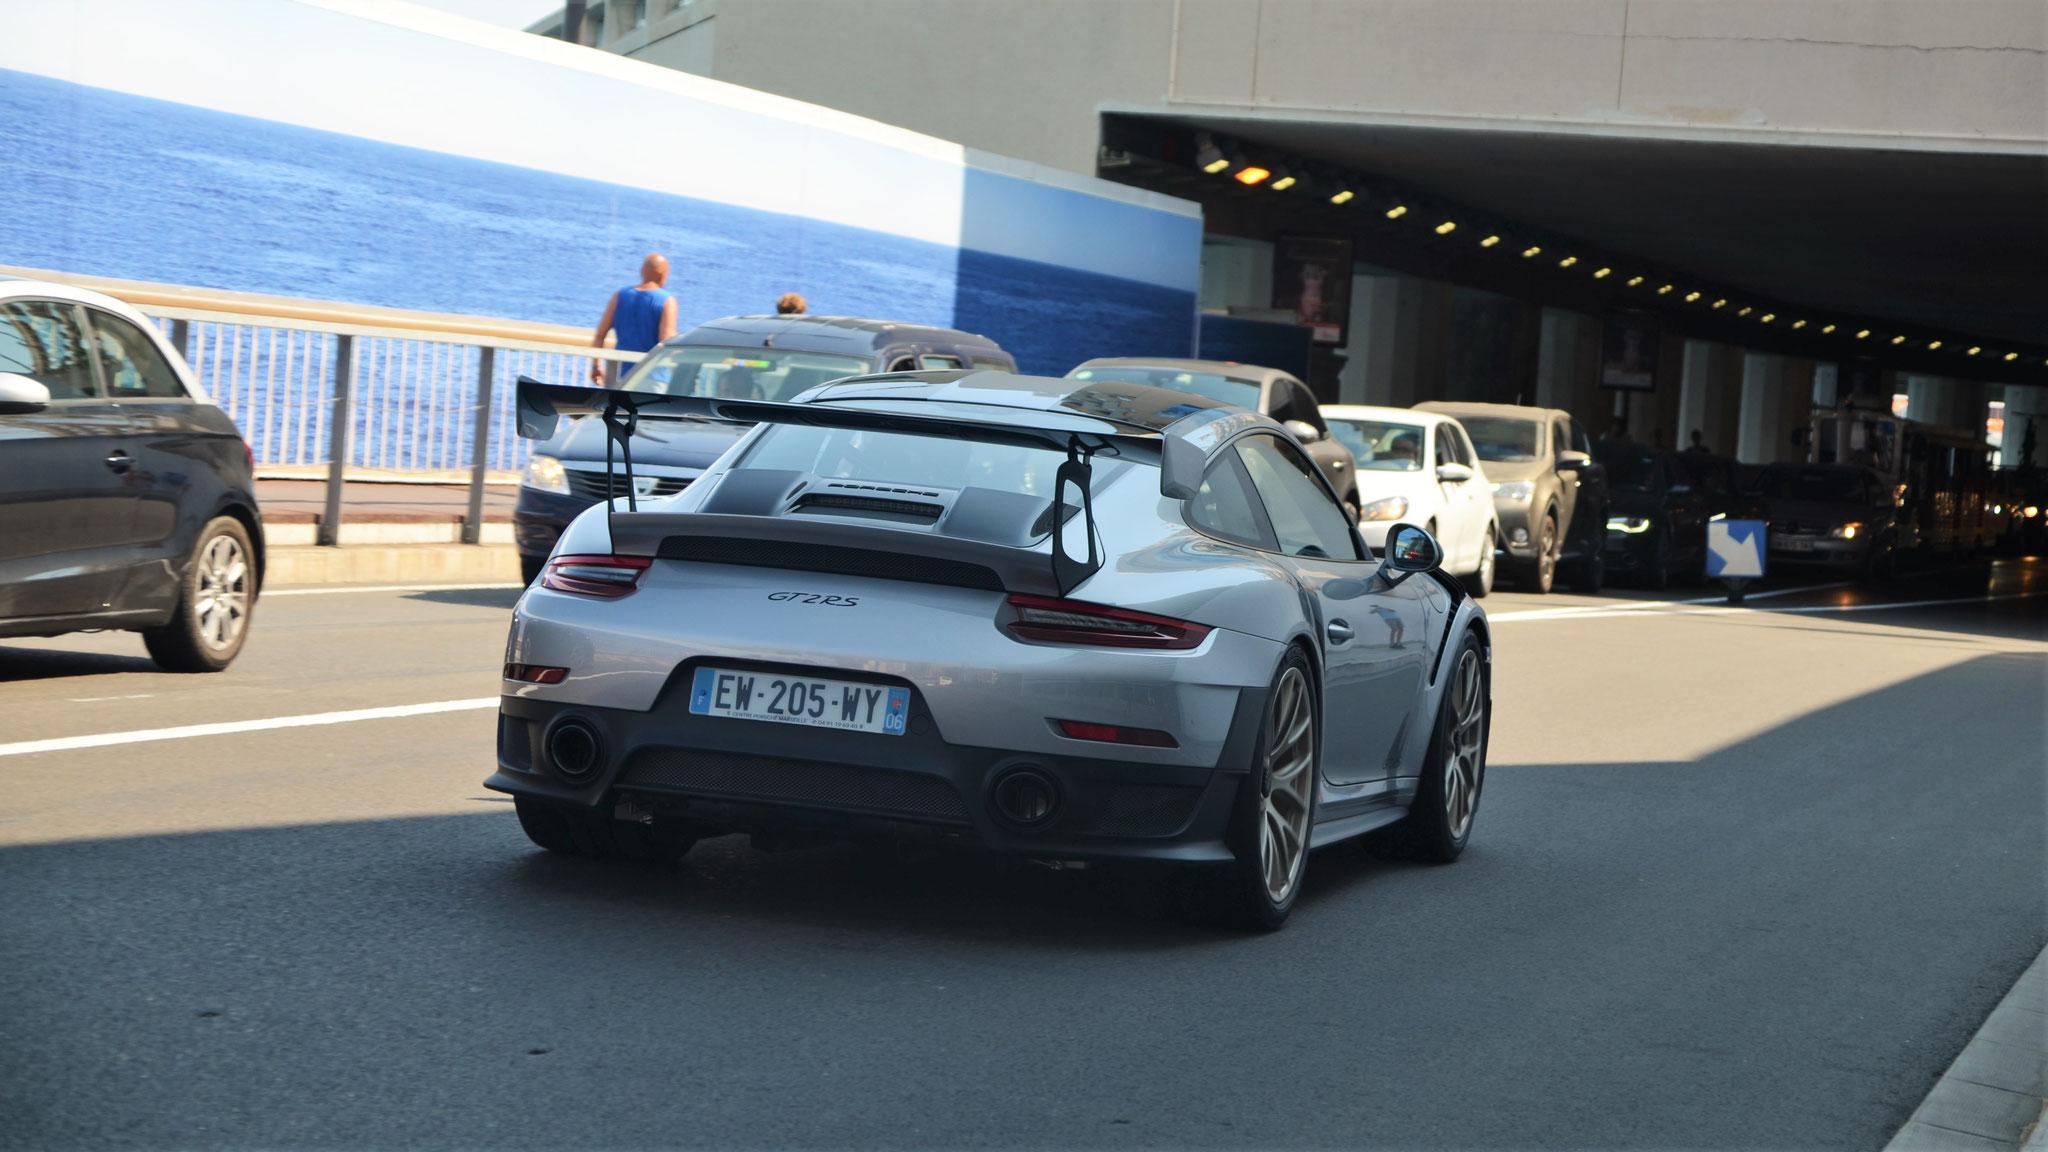 Porsche 911 GT2 RS - EW-205-WY-06 (FRA)